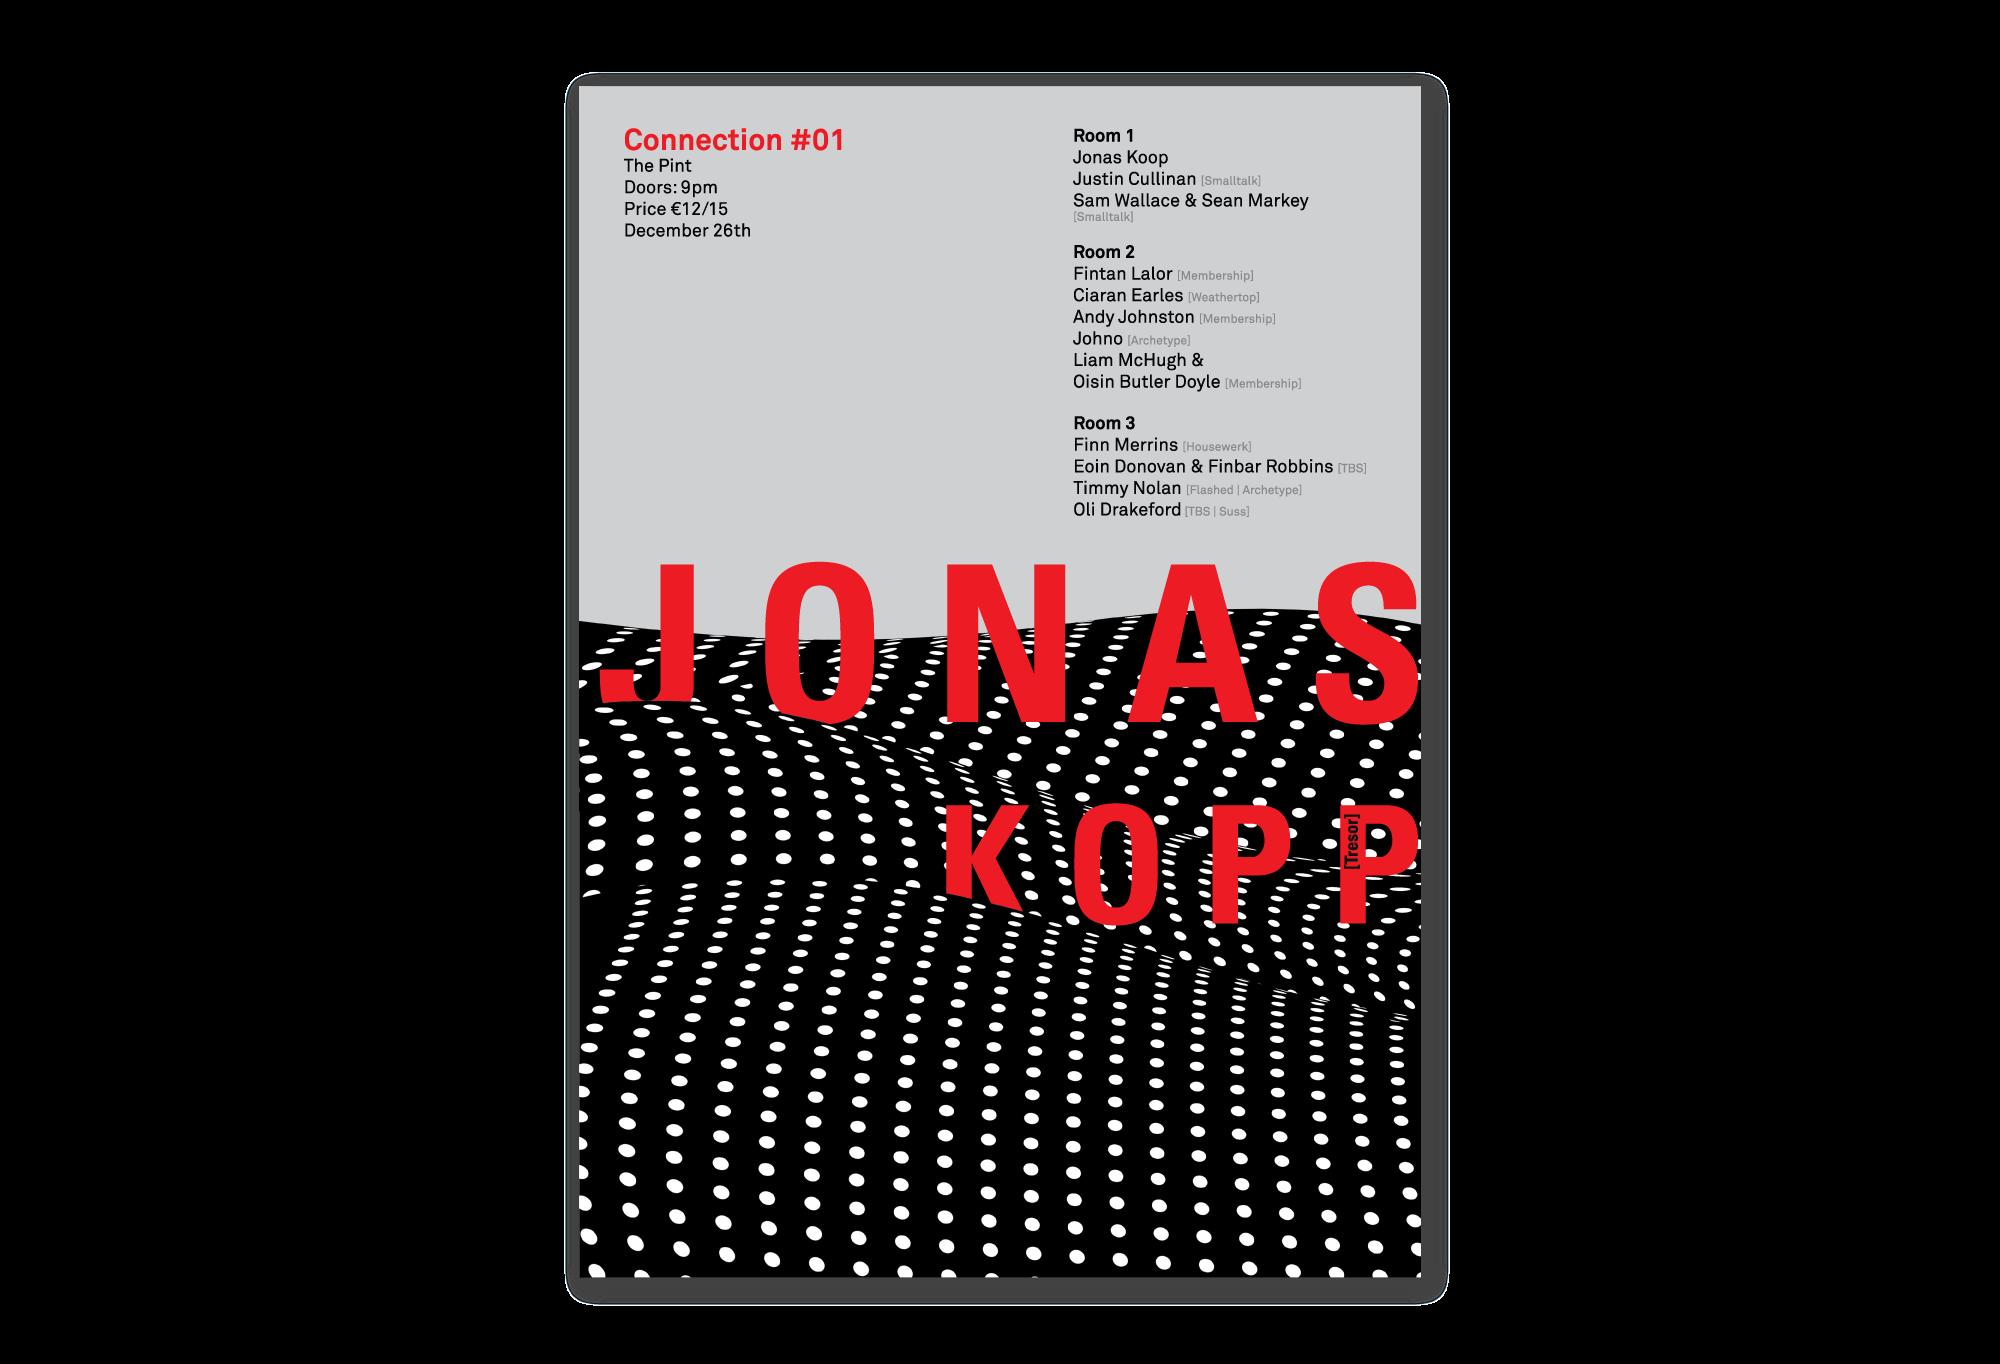 Cover image: Jonas Kopp Poster